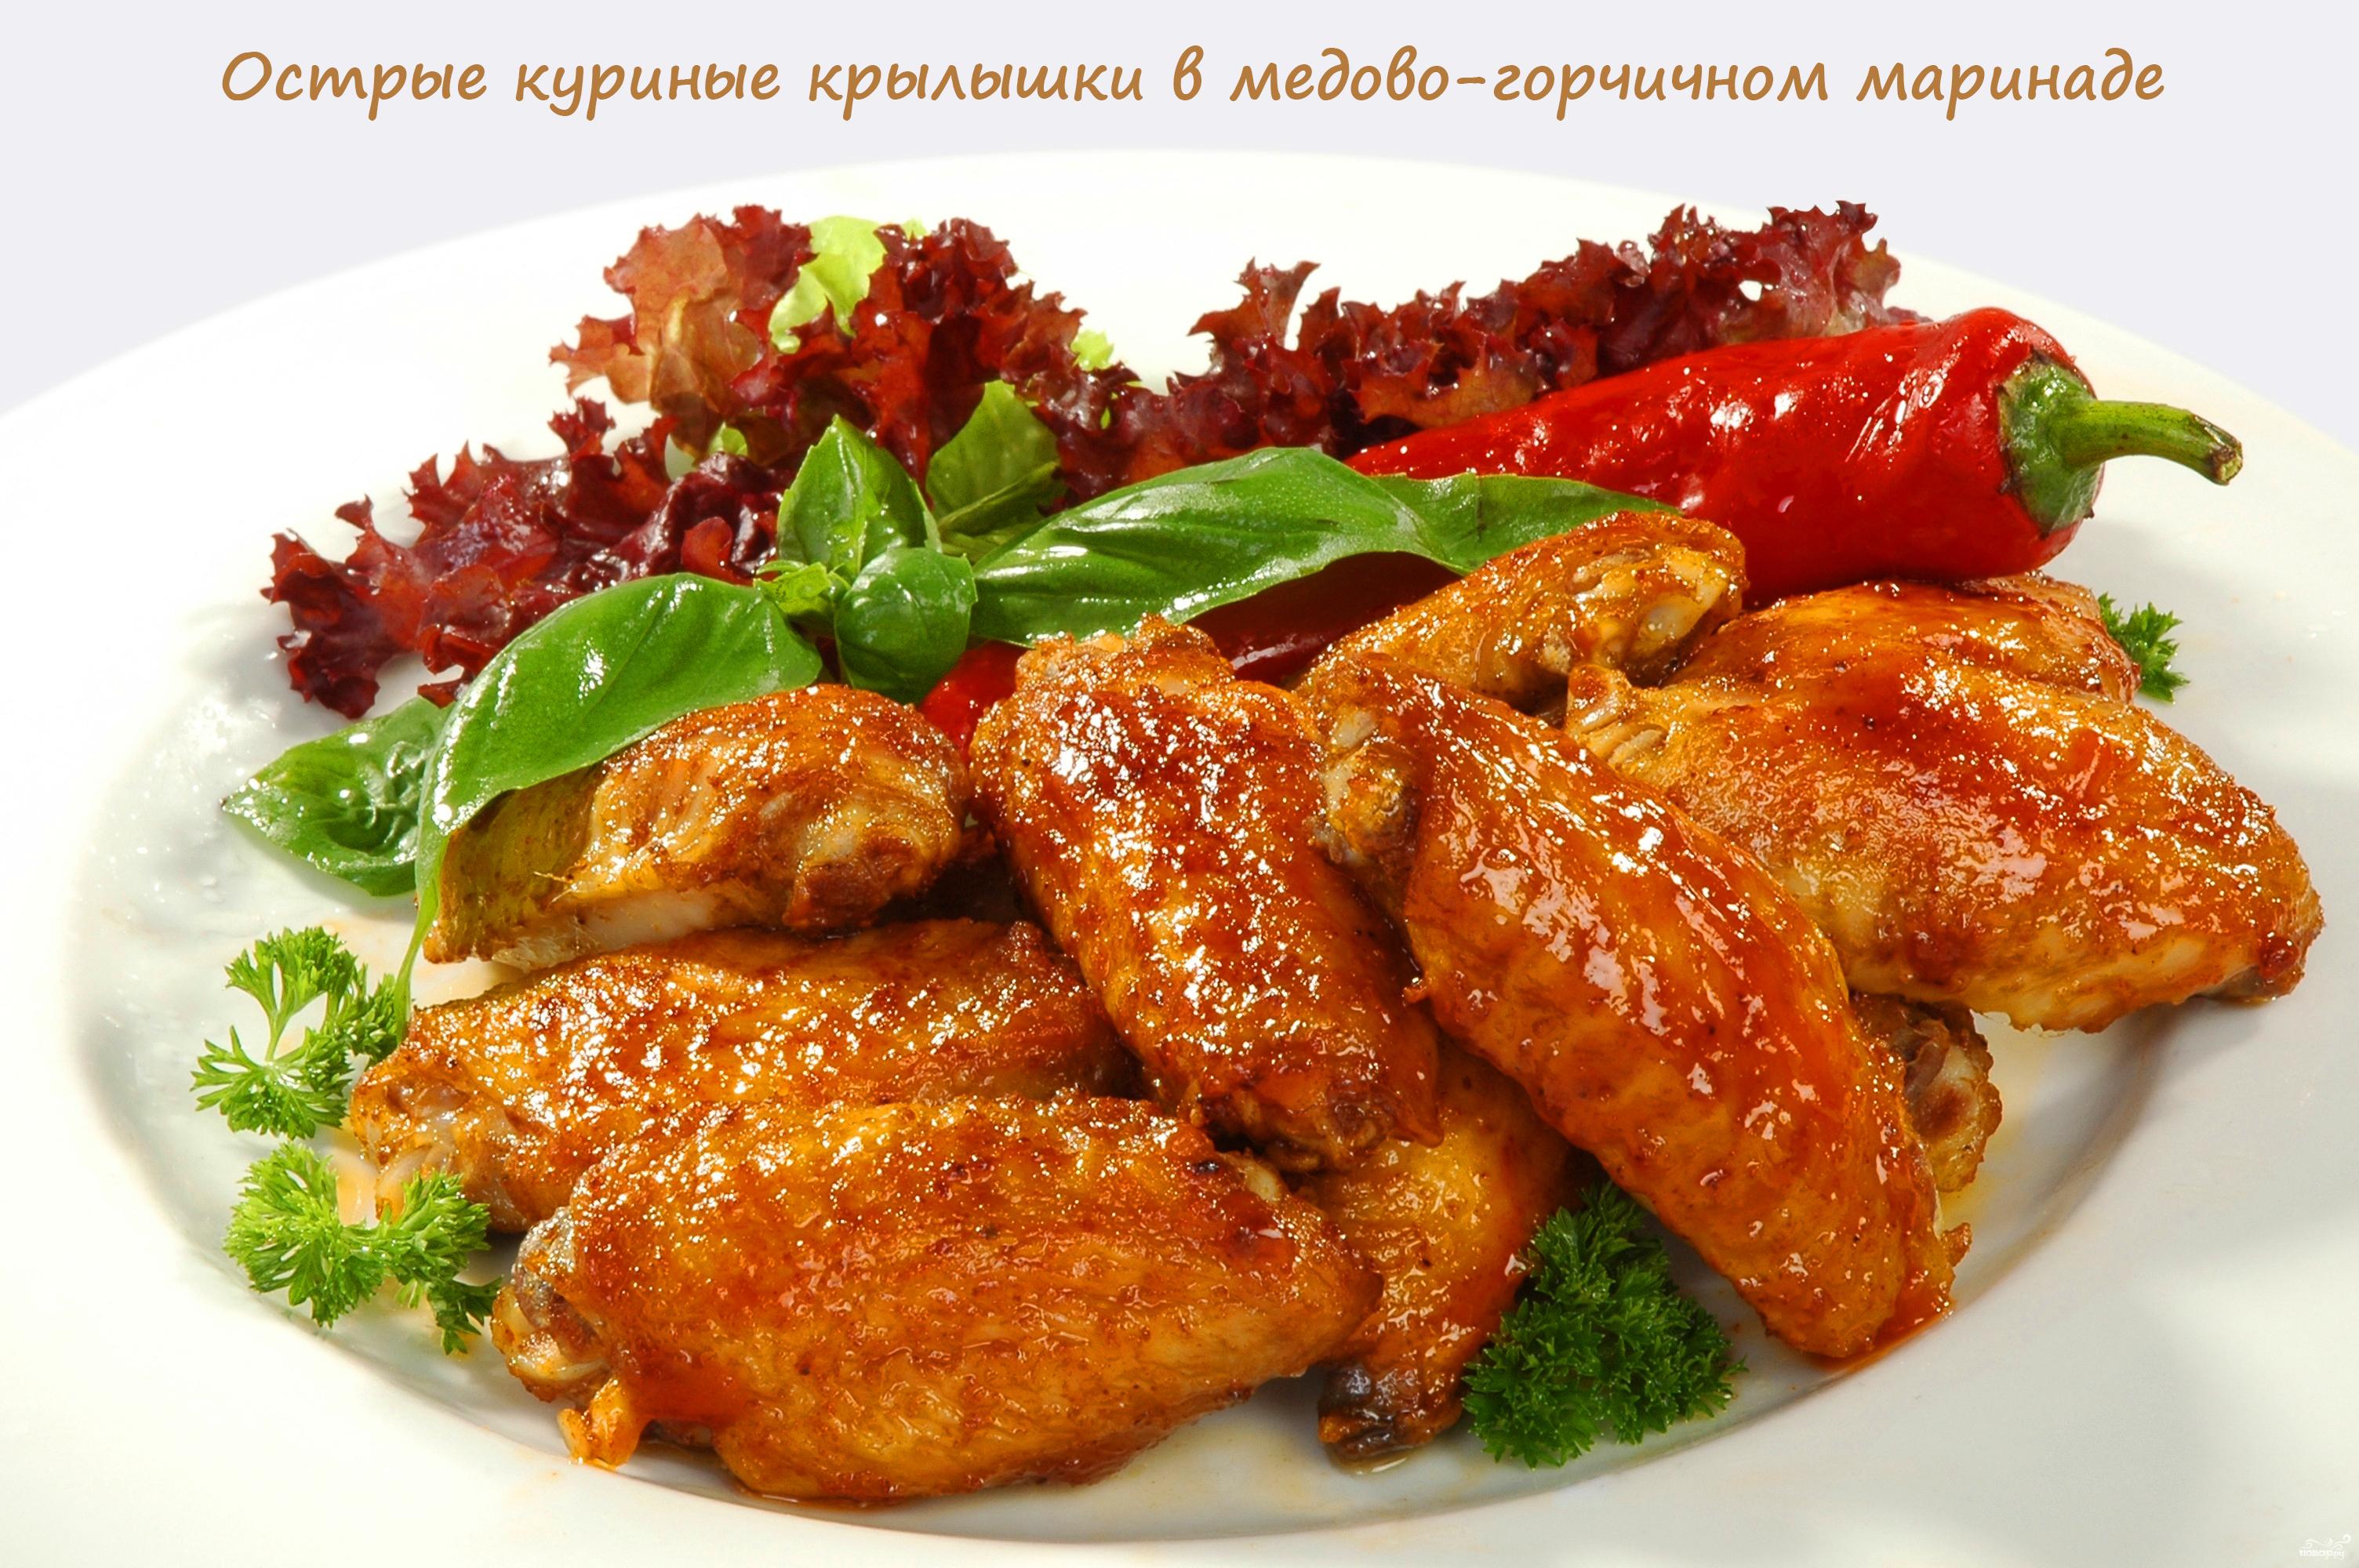 острые куриные крылышки рецепт